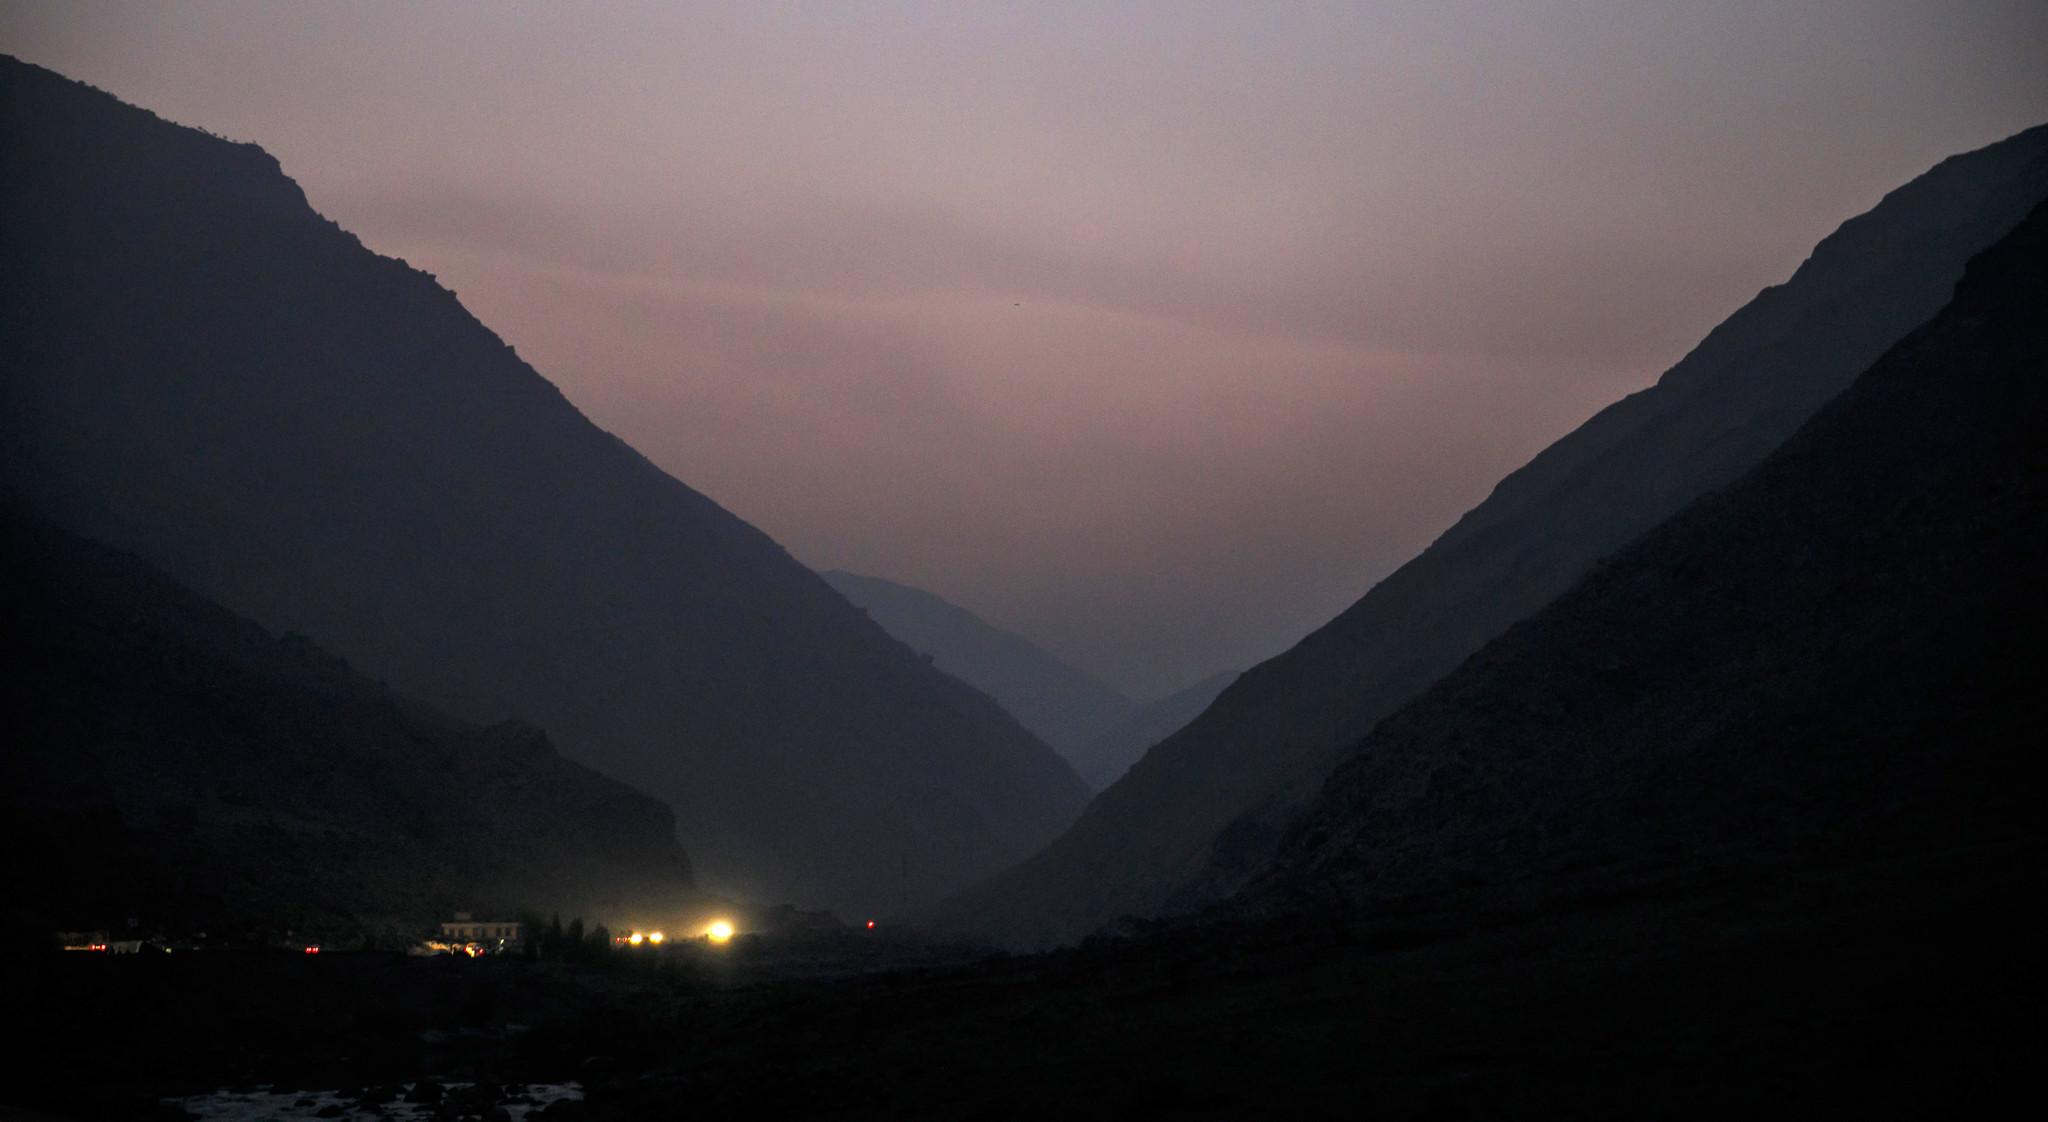 Kabul-Jalalabad highway